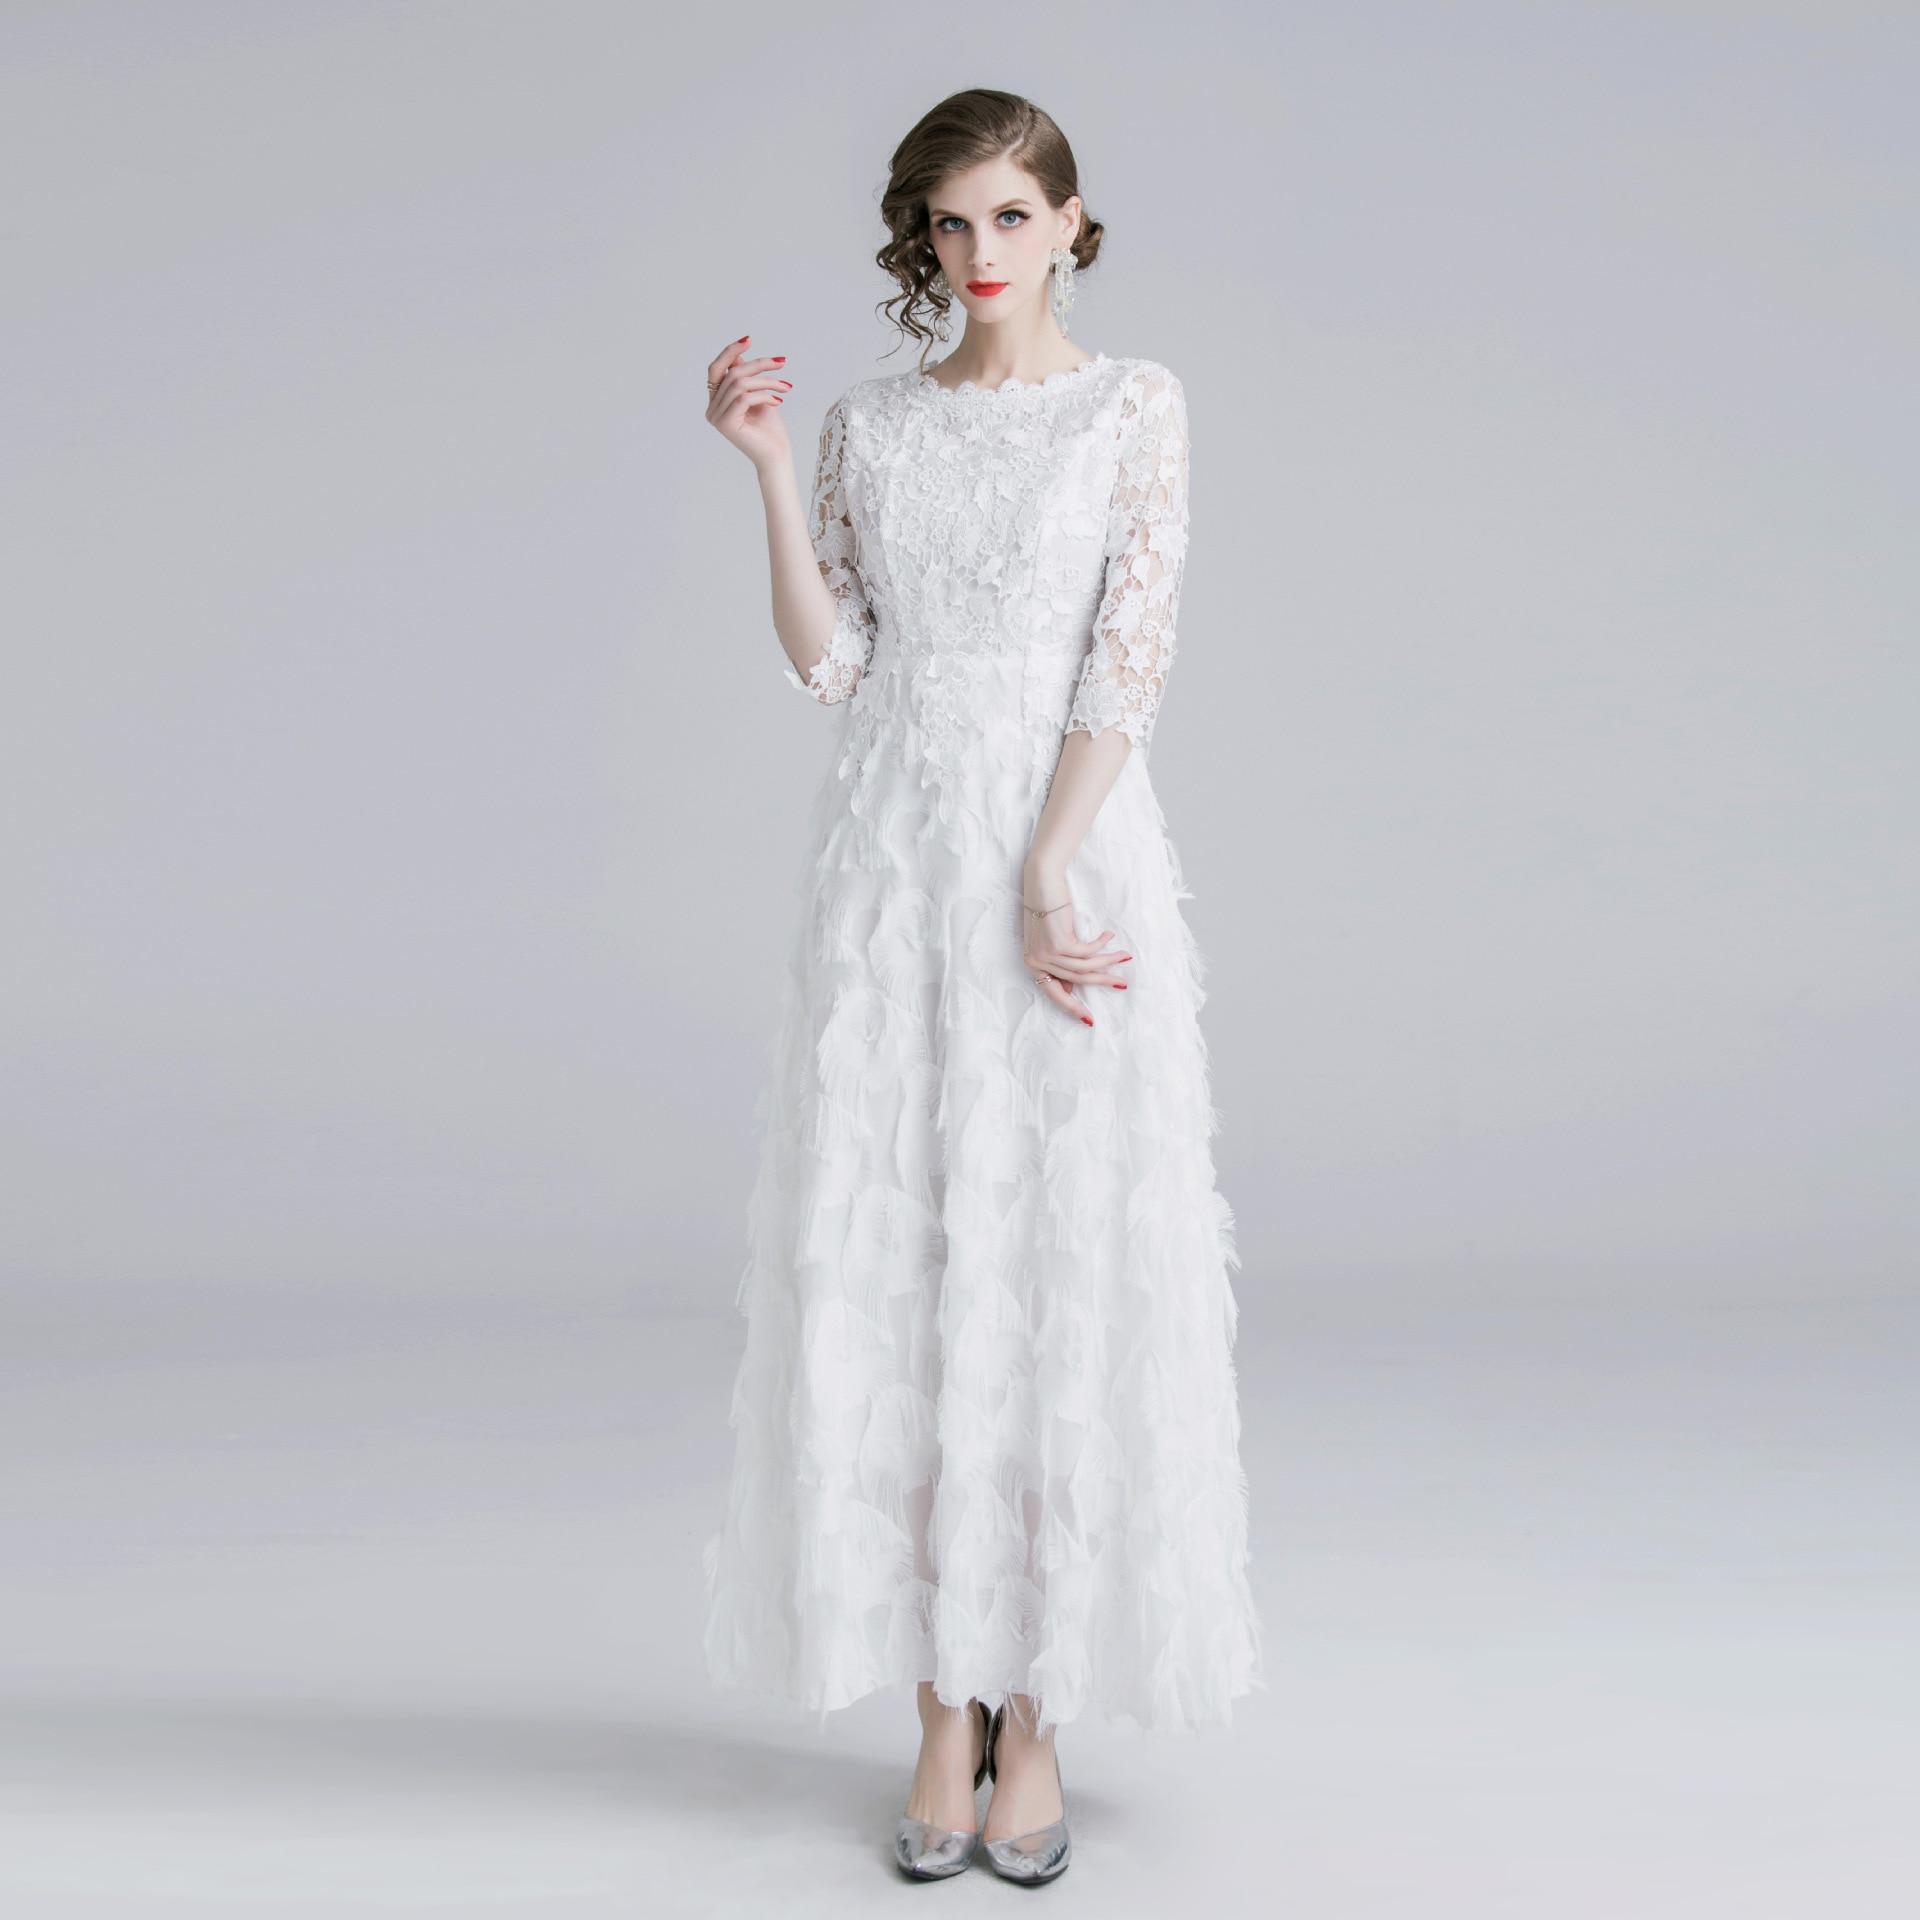 Женское длинное платье с перьями, элегантное кружевное платье до щиколотки с круглым вырезом и рукавом три четверти, Новинка осени 2019